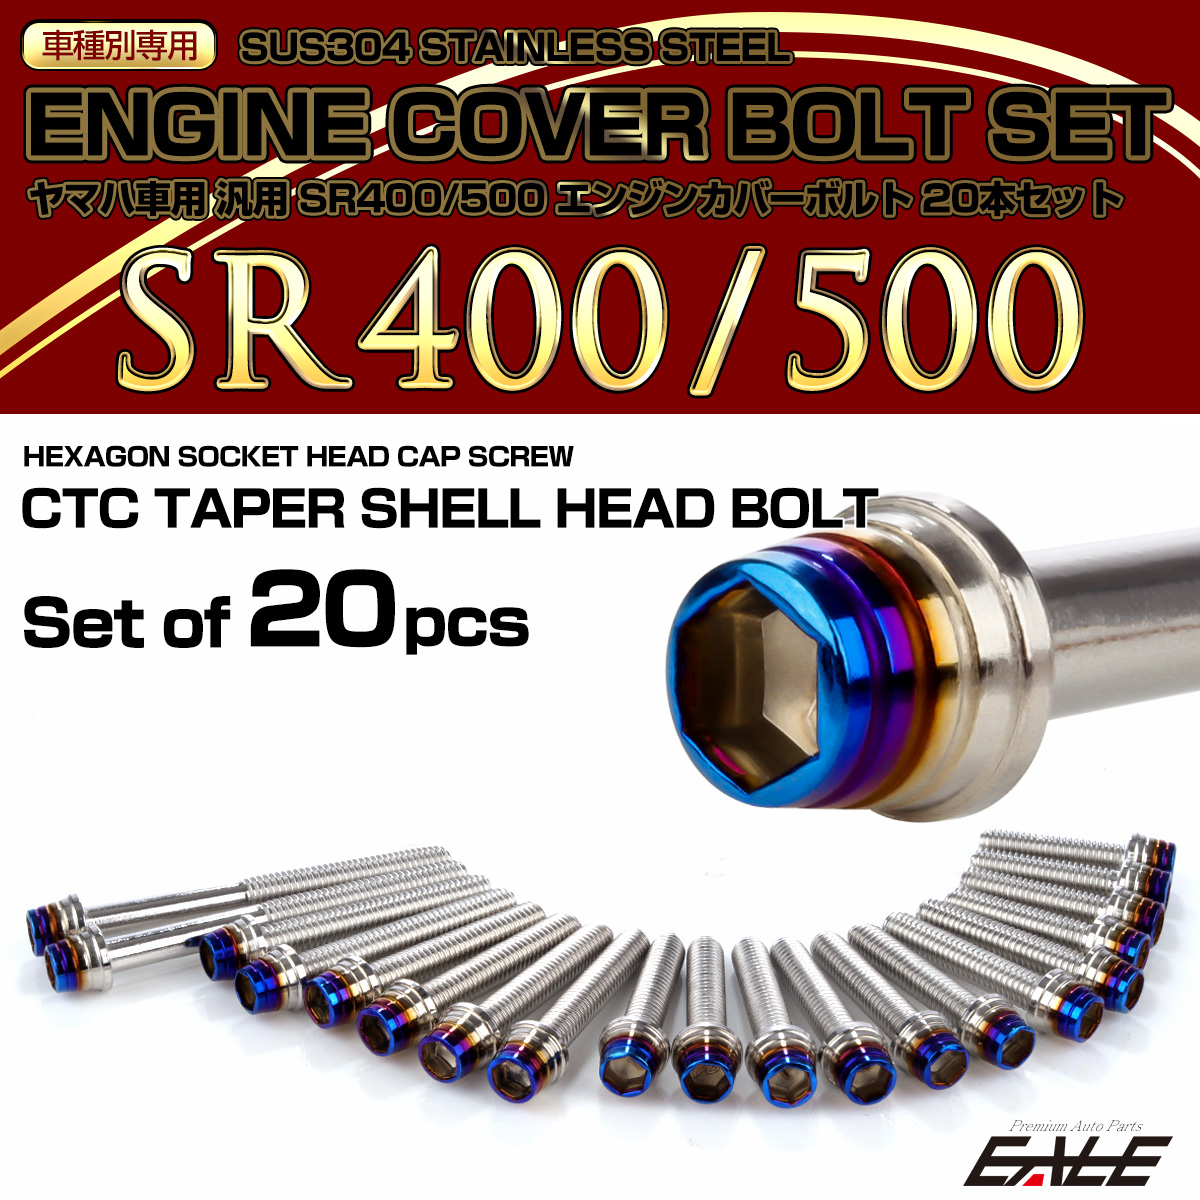 SR400 SR500 エンジンカバーボルト 20本セット ヤマハ車用 CTCテーパーシェルヘッド シルバー&焼きチタンカラー TB7111